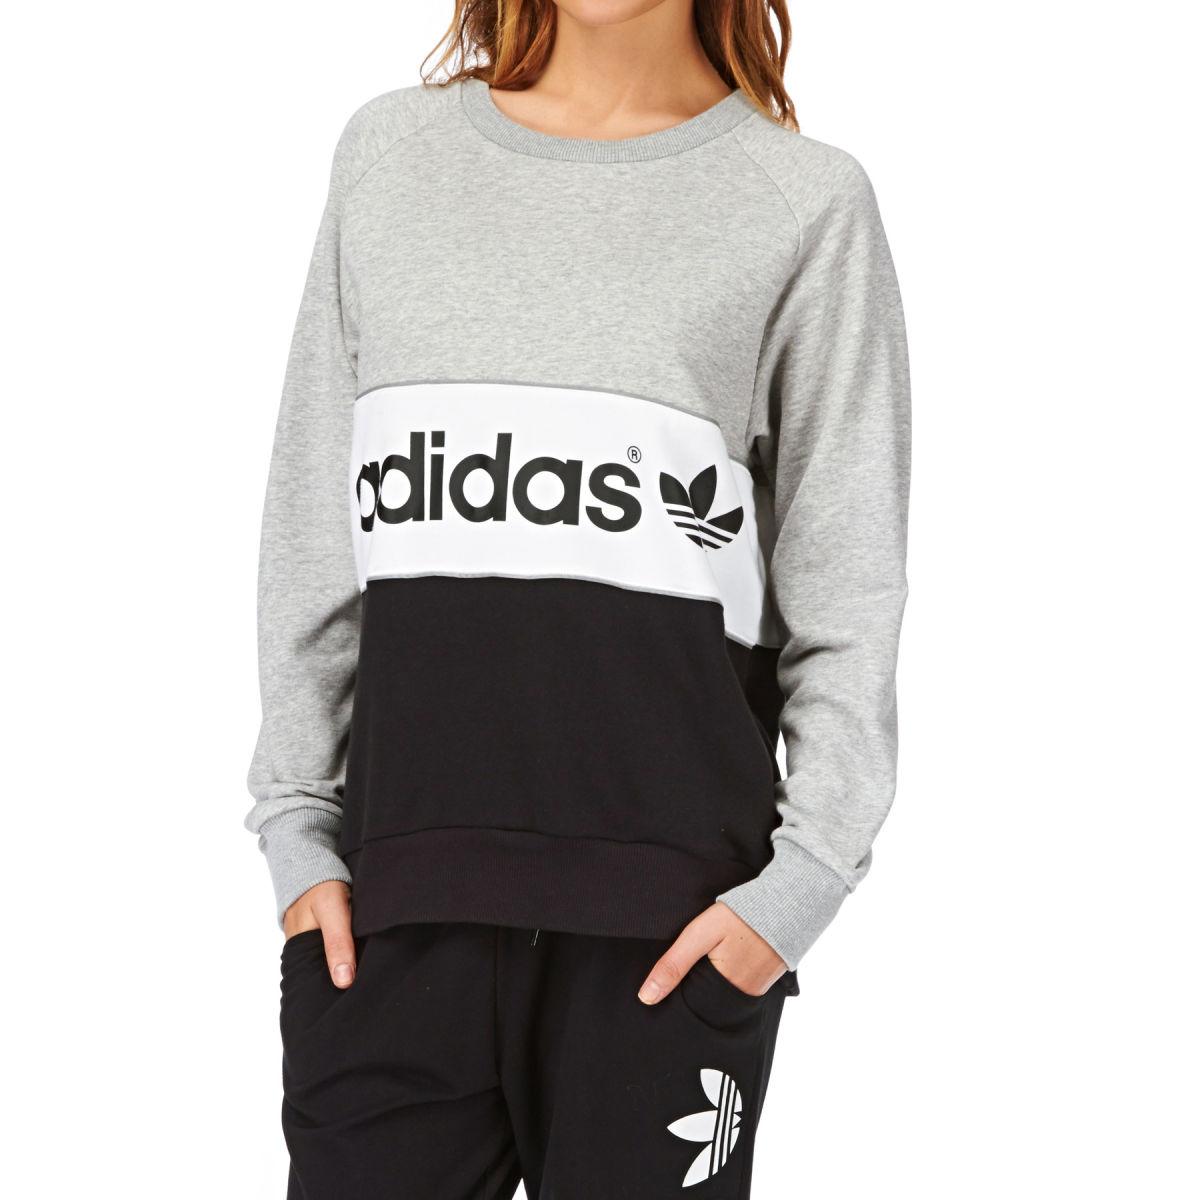 adidas originals City Sweatshirt - Medium Grey Heather black e6ae8c4da8a5